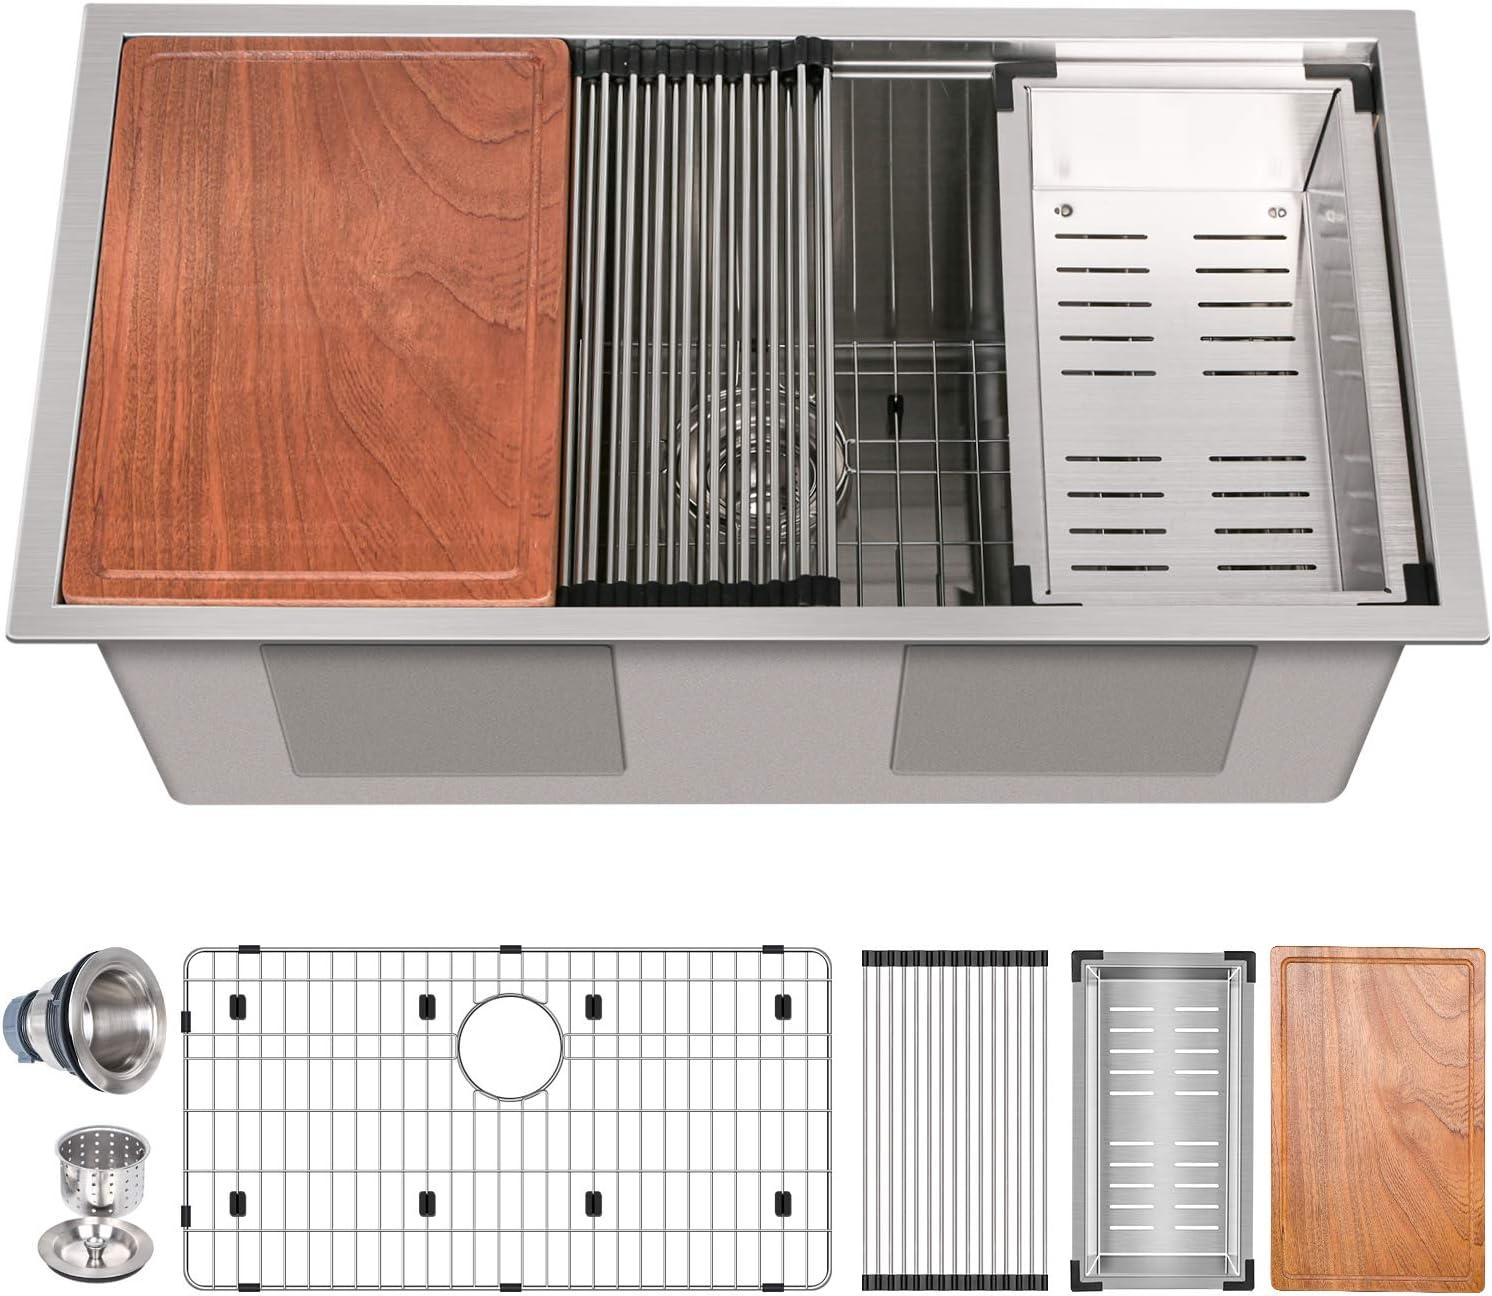 Hykolity 32 inch Workstation Undermount Kitchen Sink Kit, Stainless Steel 16 Gauge Single Bowl Under Counter, 32x19x12 in